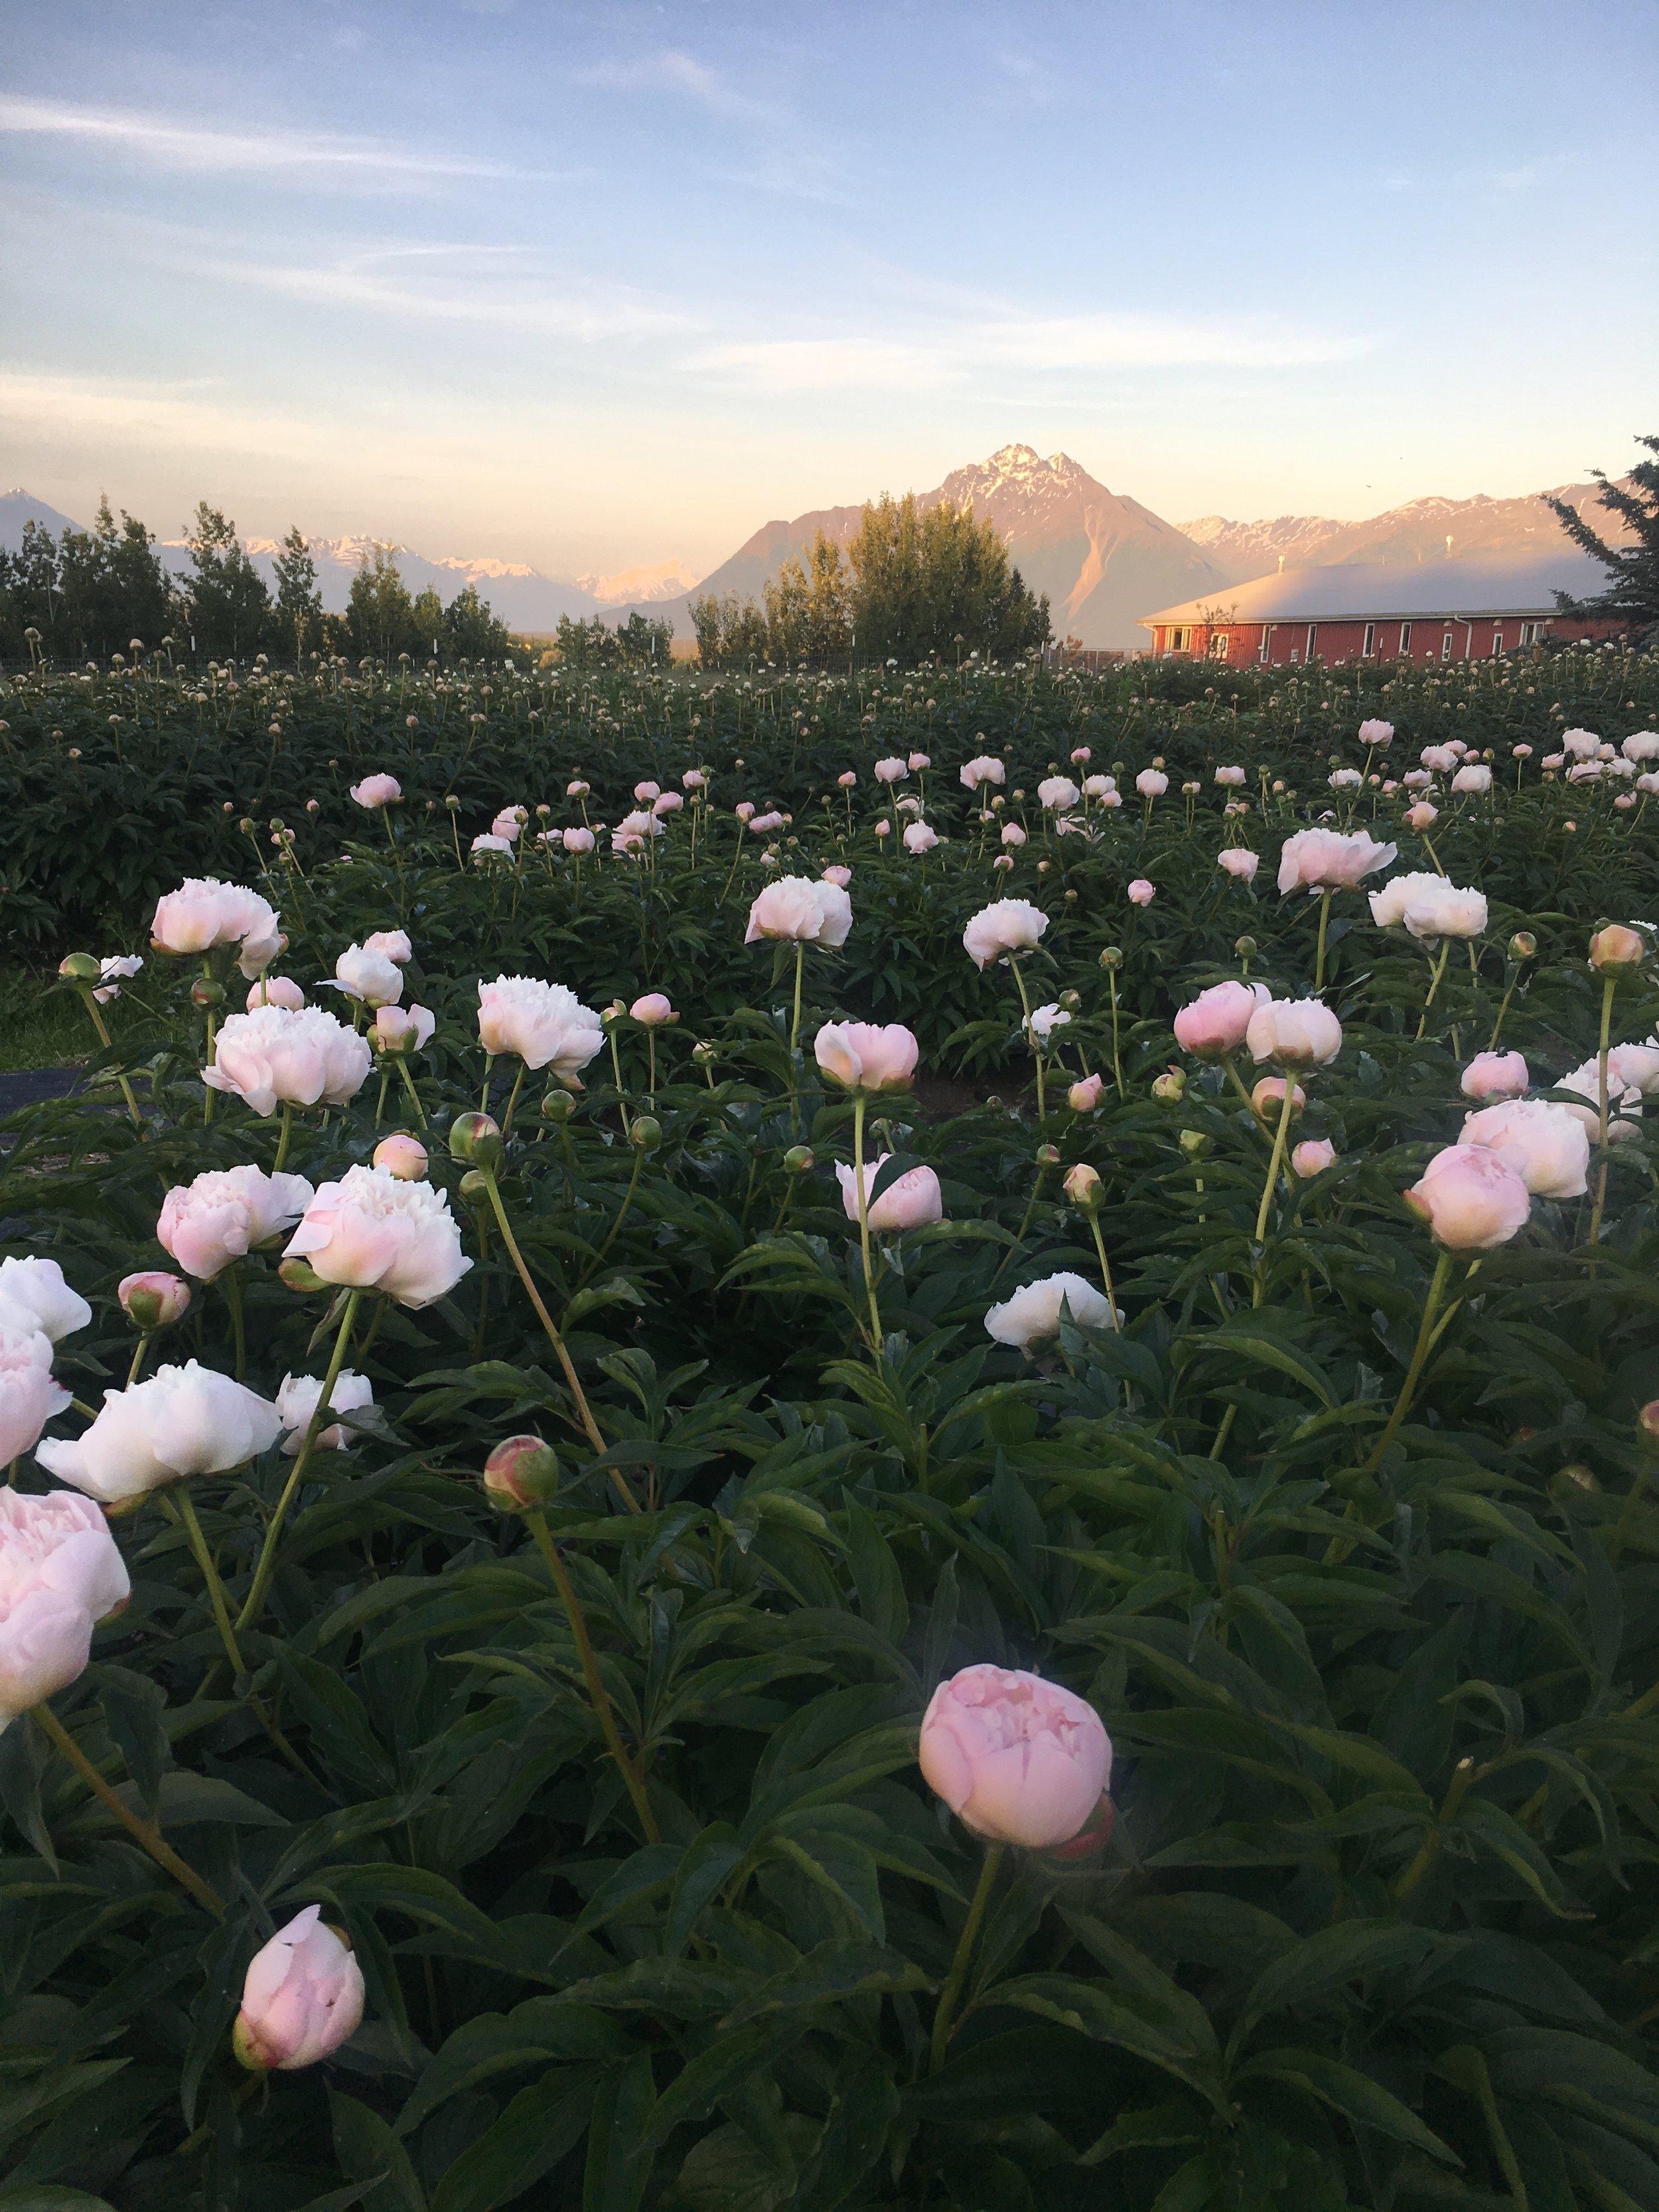 (Photo courtesy of the Alaska Peony Cooperative)